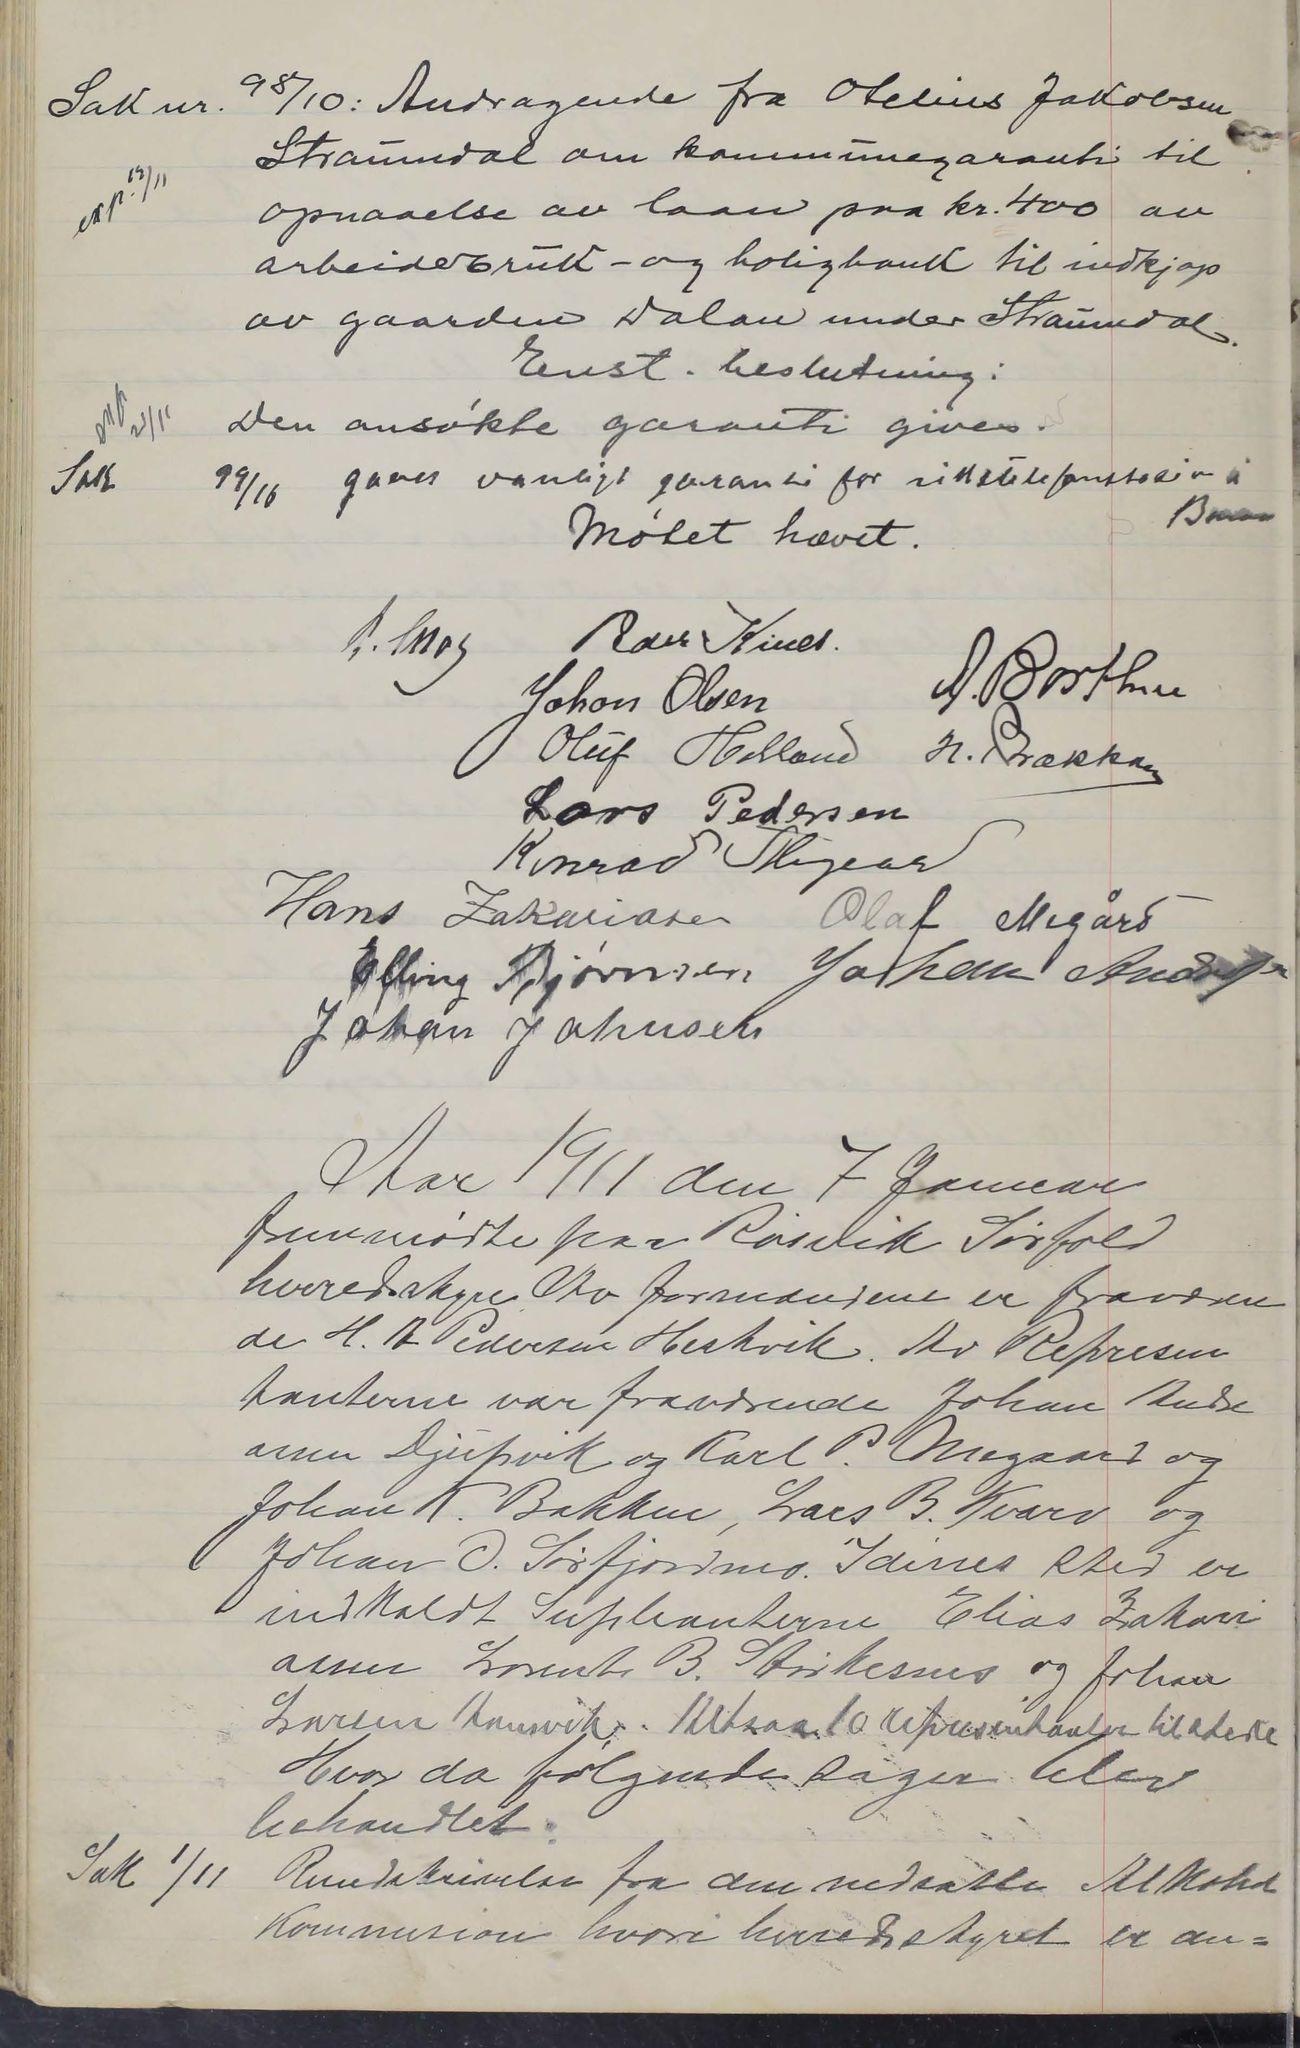 AIN, Sørfold kommune. Formannskap, 100/L0002: Forhandlingsprotokol for Sørfoldens formandskab, 1902-1913, s. 133b